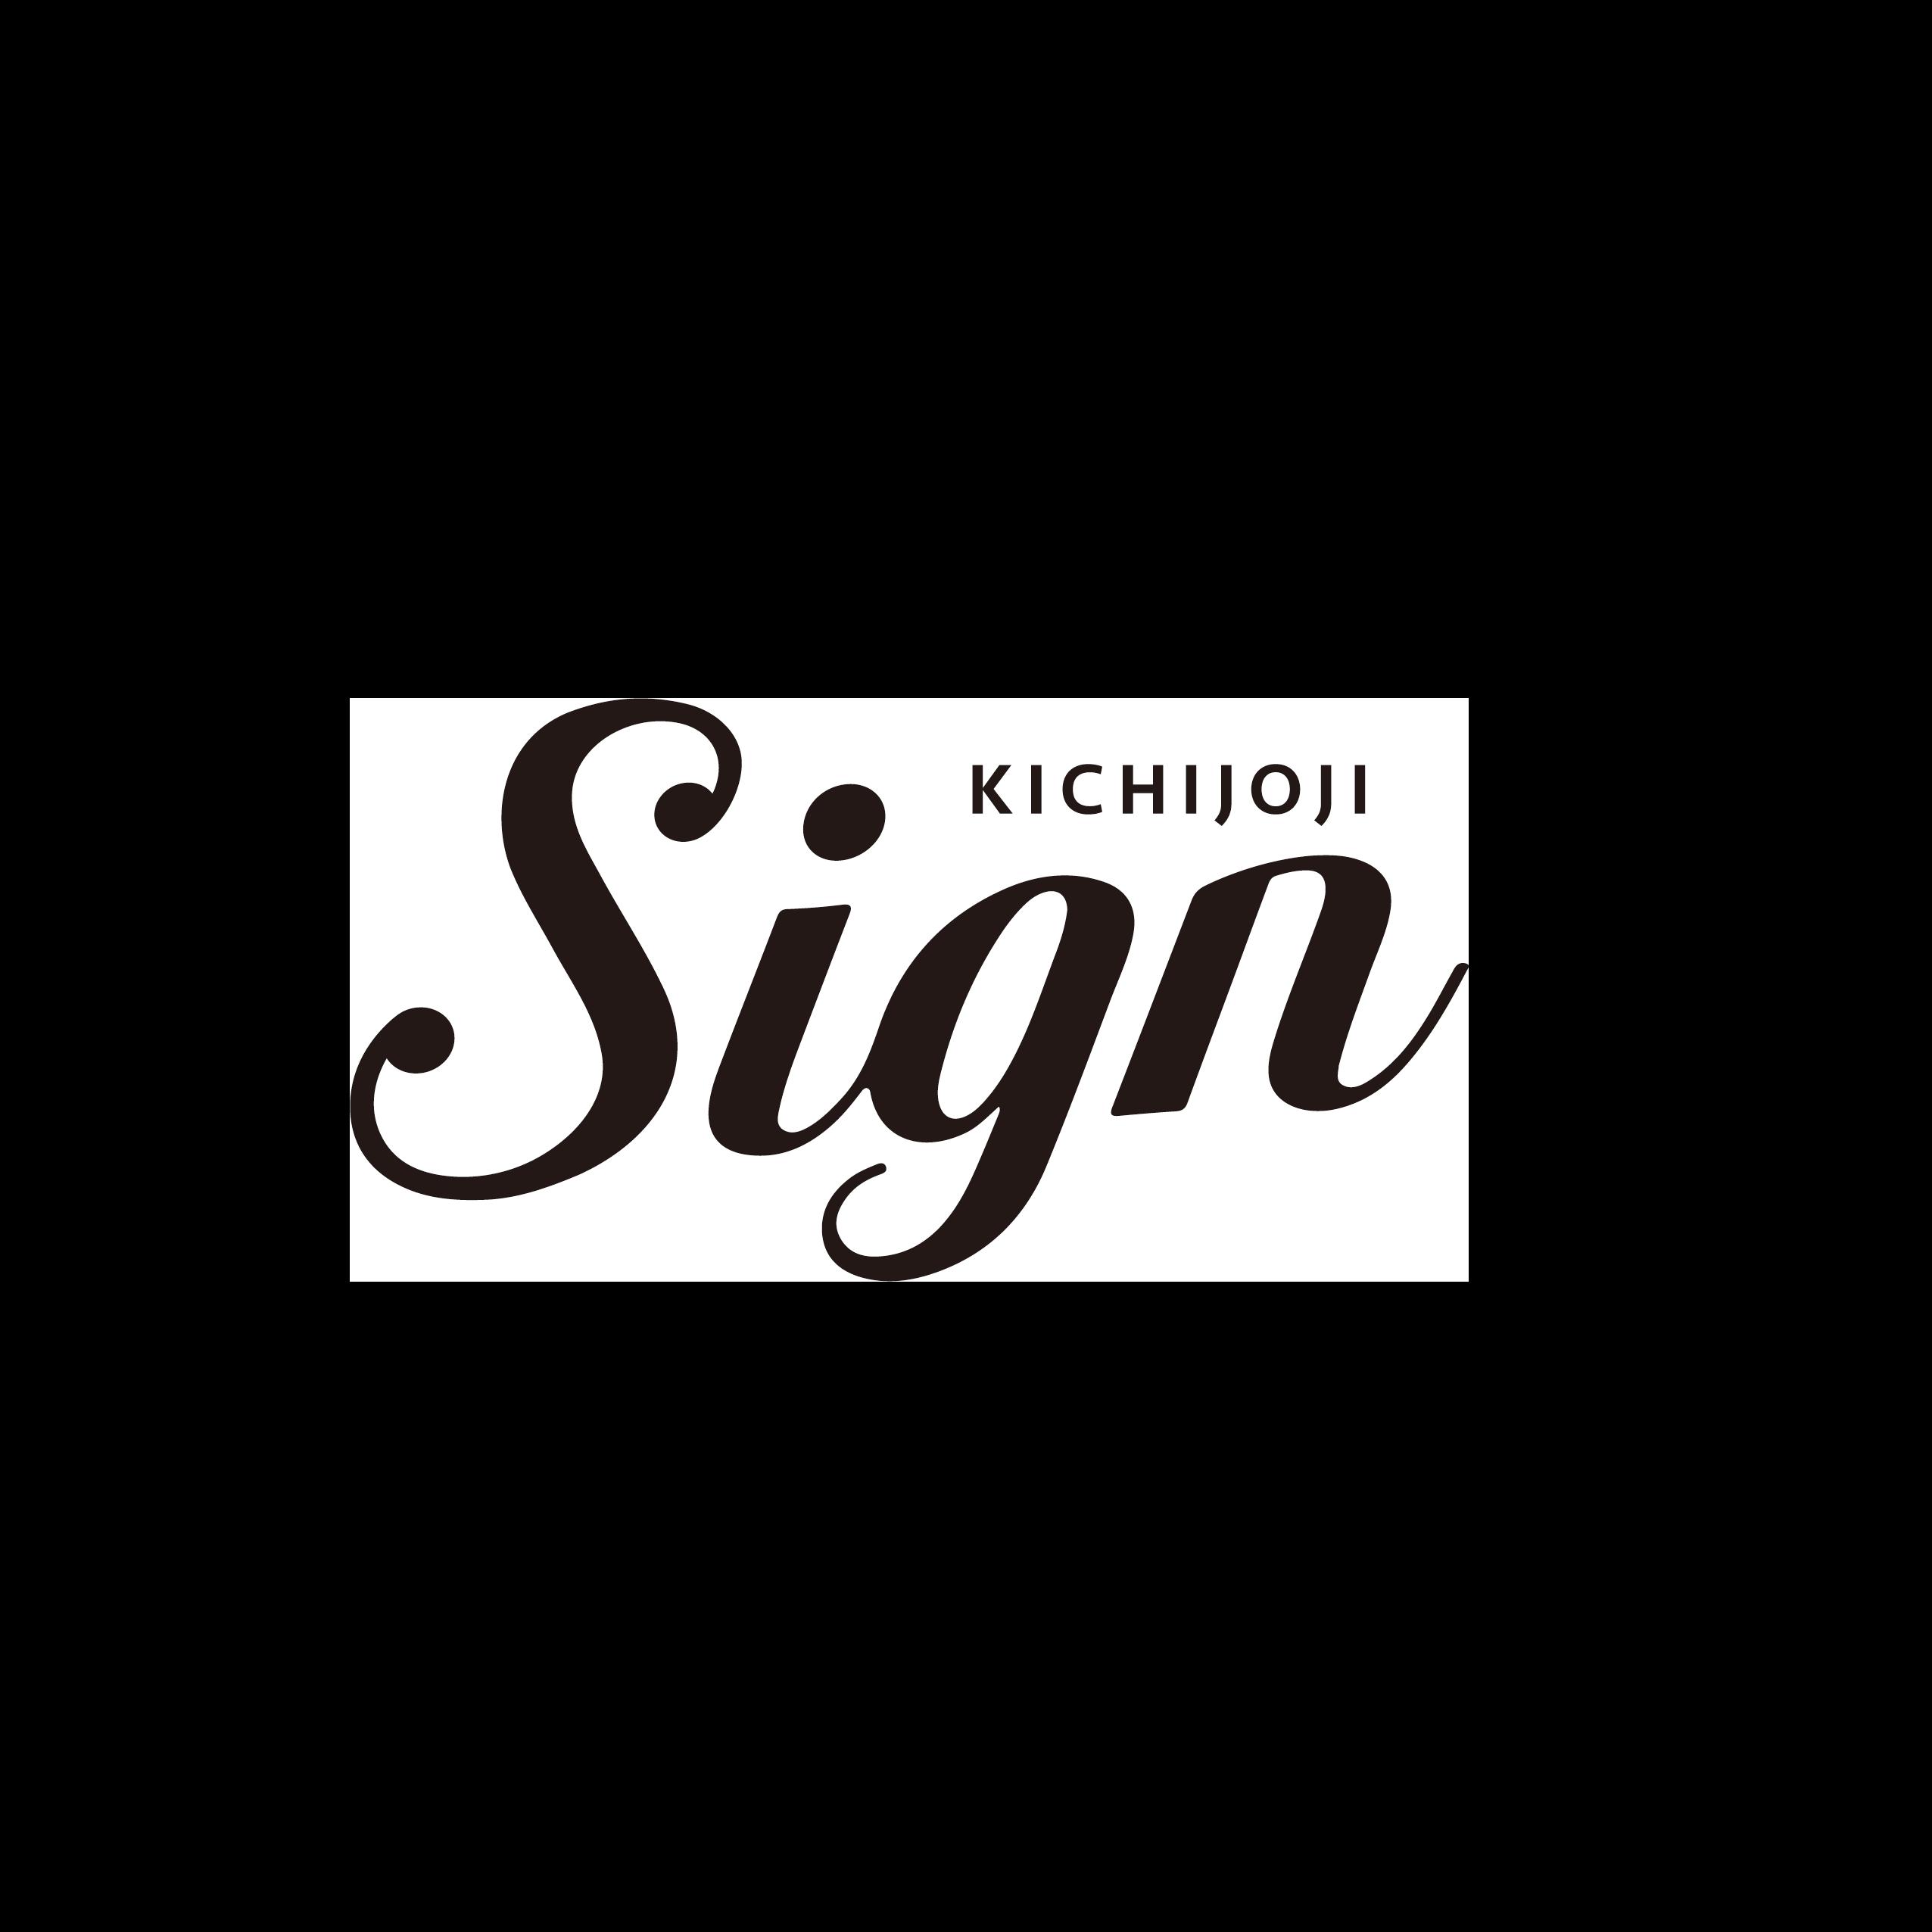 Sign KICHIJOJI